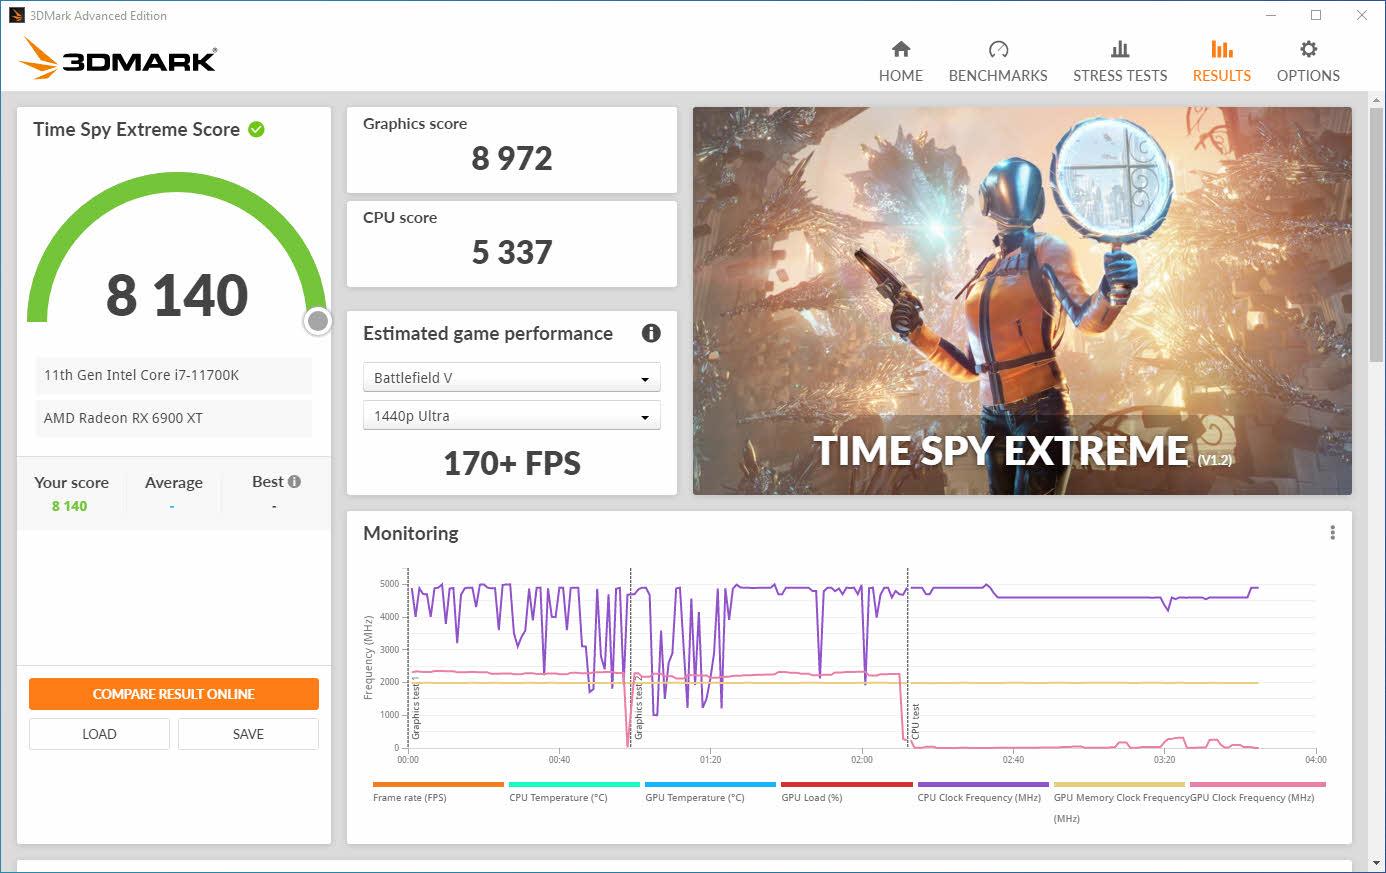 intel-core-i7-11700k-rocket-lake-8-core-desktop-cpu-_22